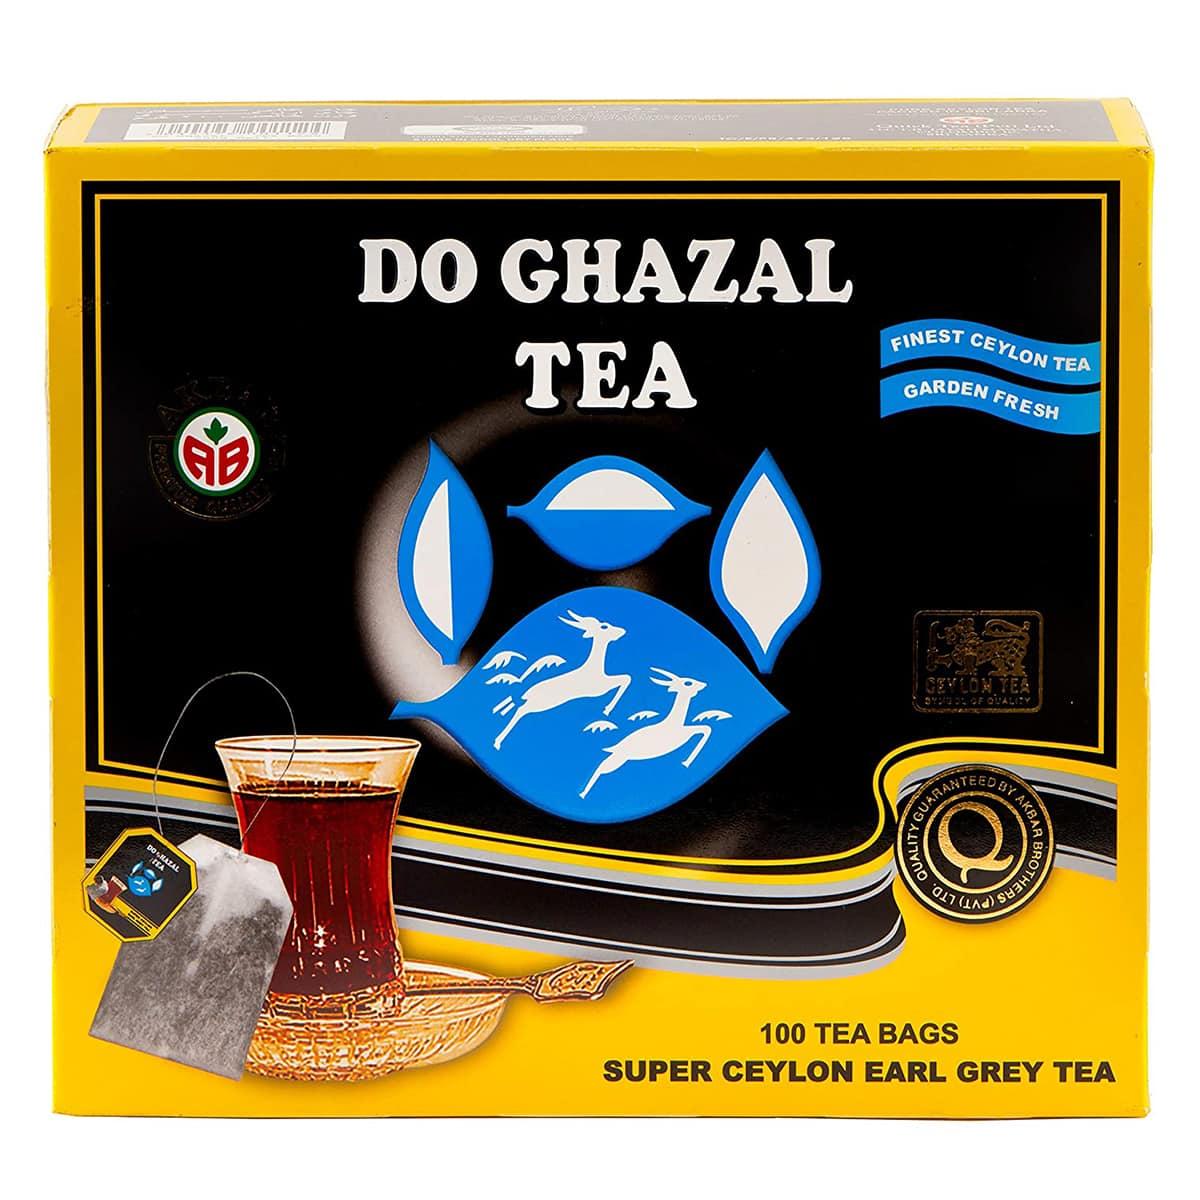 Buy Alghazaleen Tea (Do Ghazal Tea) Super Ceylon Earl Grey Tea (100 Tea Bags) - 500 gm